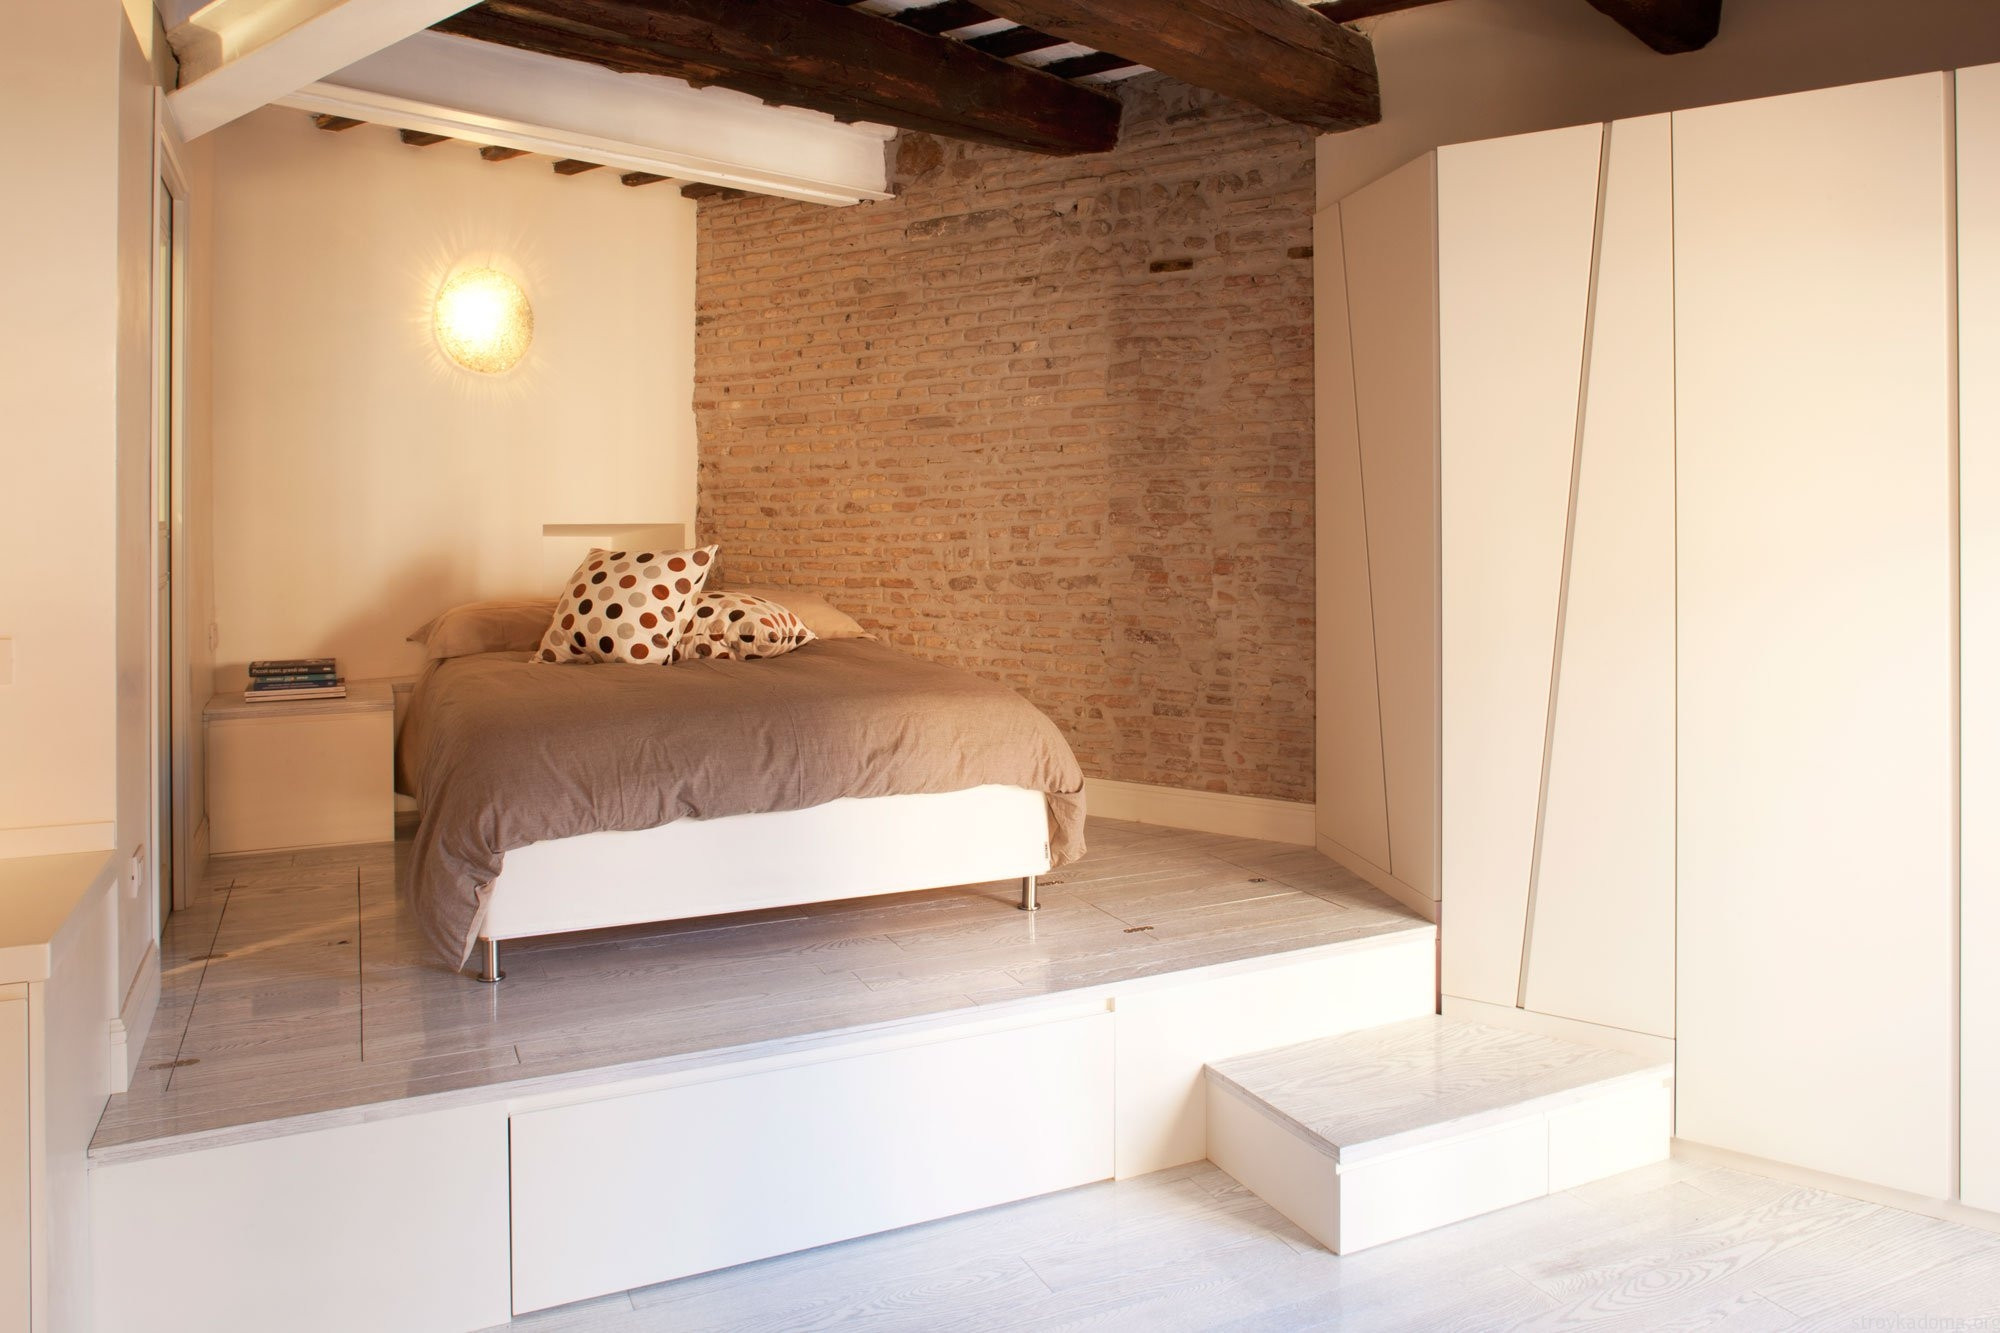 Фото дизайн интерьер спальни кровать на подиуме